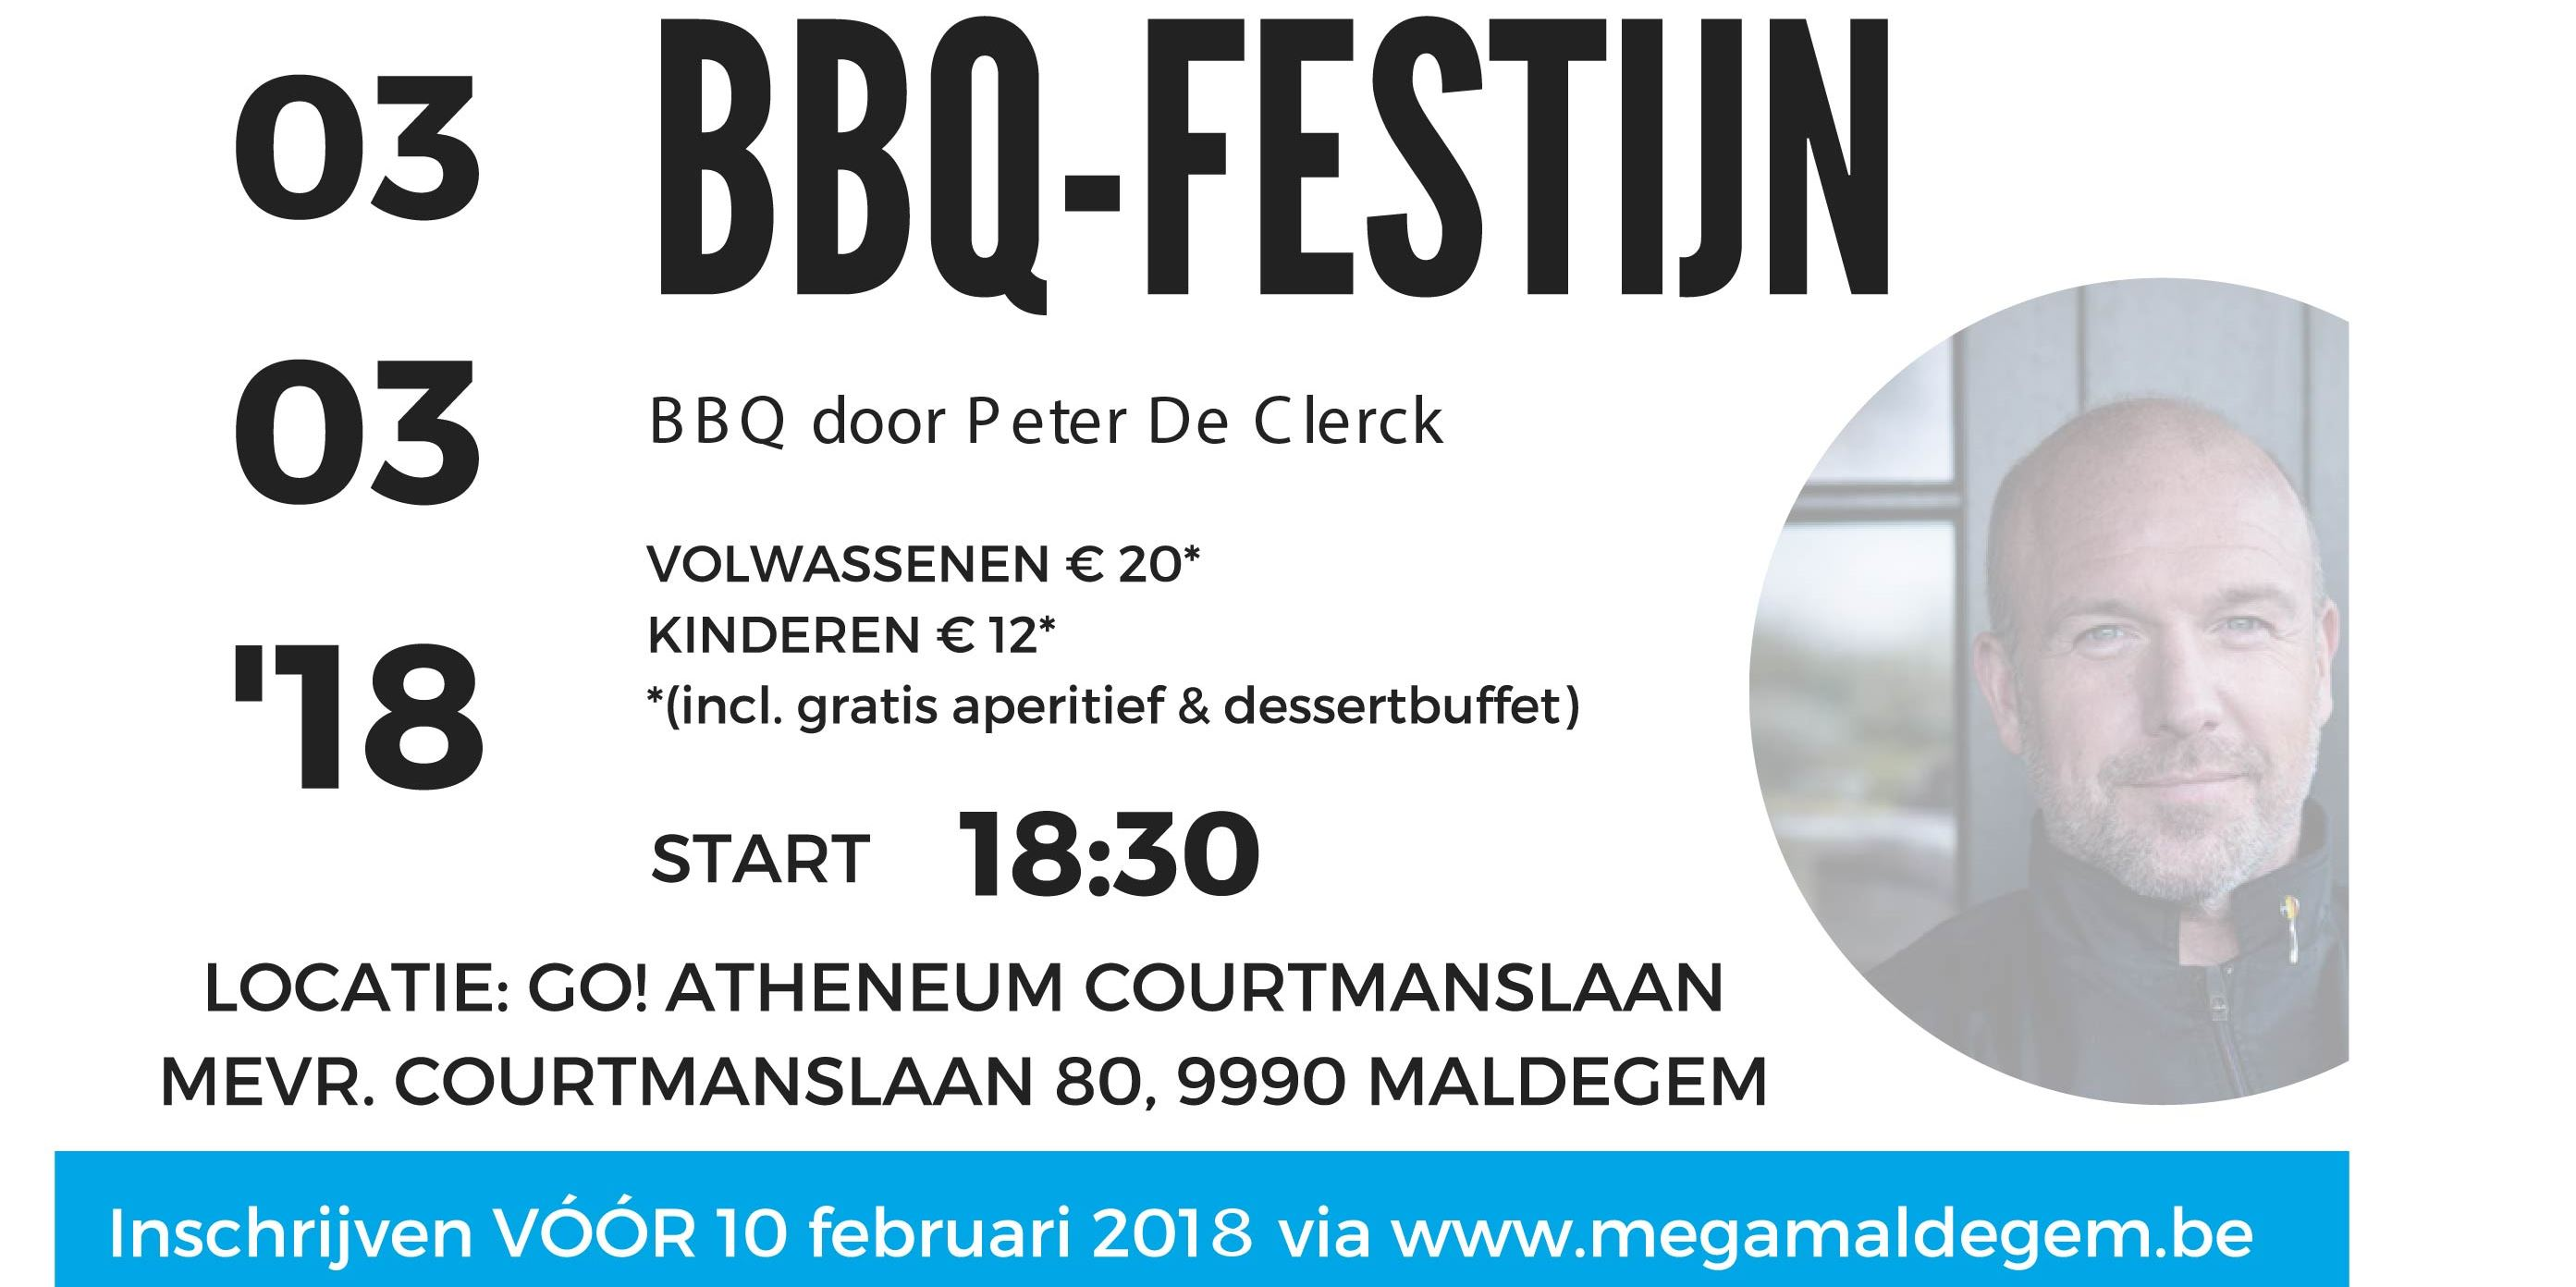 BBQ-festijn